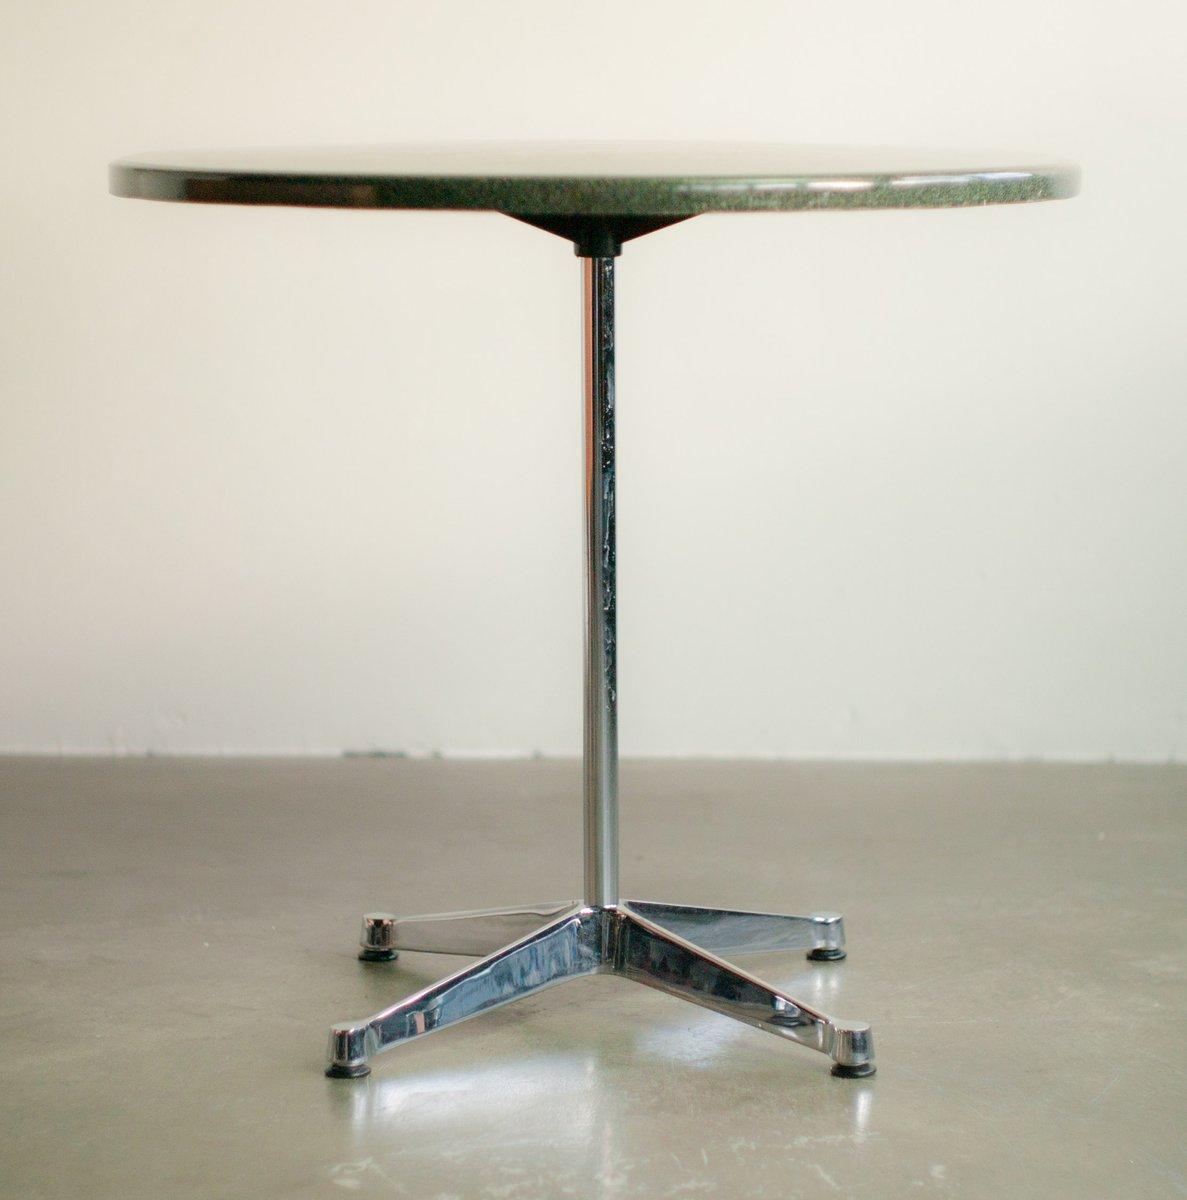 kleiner tisch mit verchromten gestell von charles ray eames f r vitra bei pamono kaufen. Black Bedroom Furniture Sets. Home Design Ideas